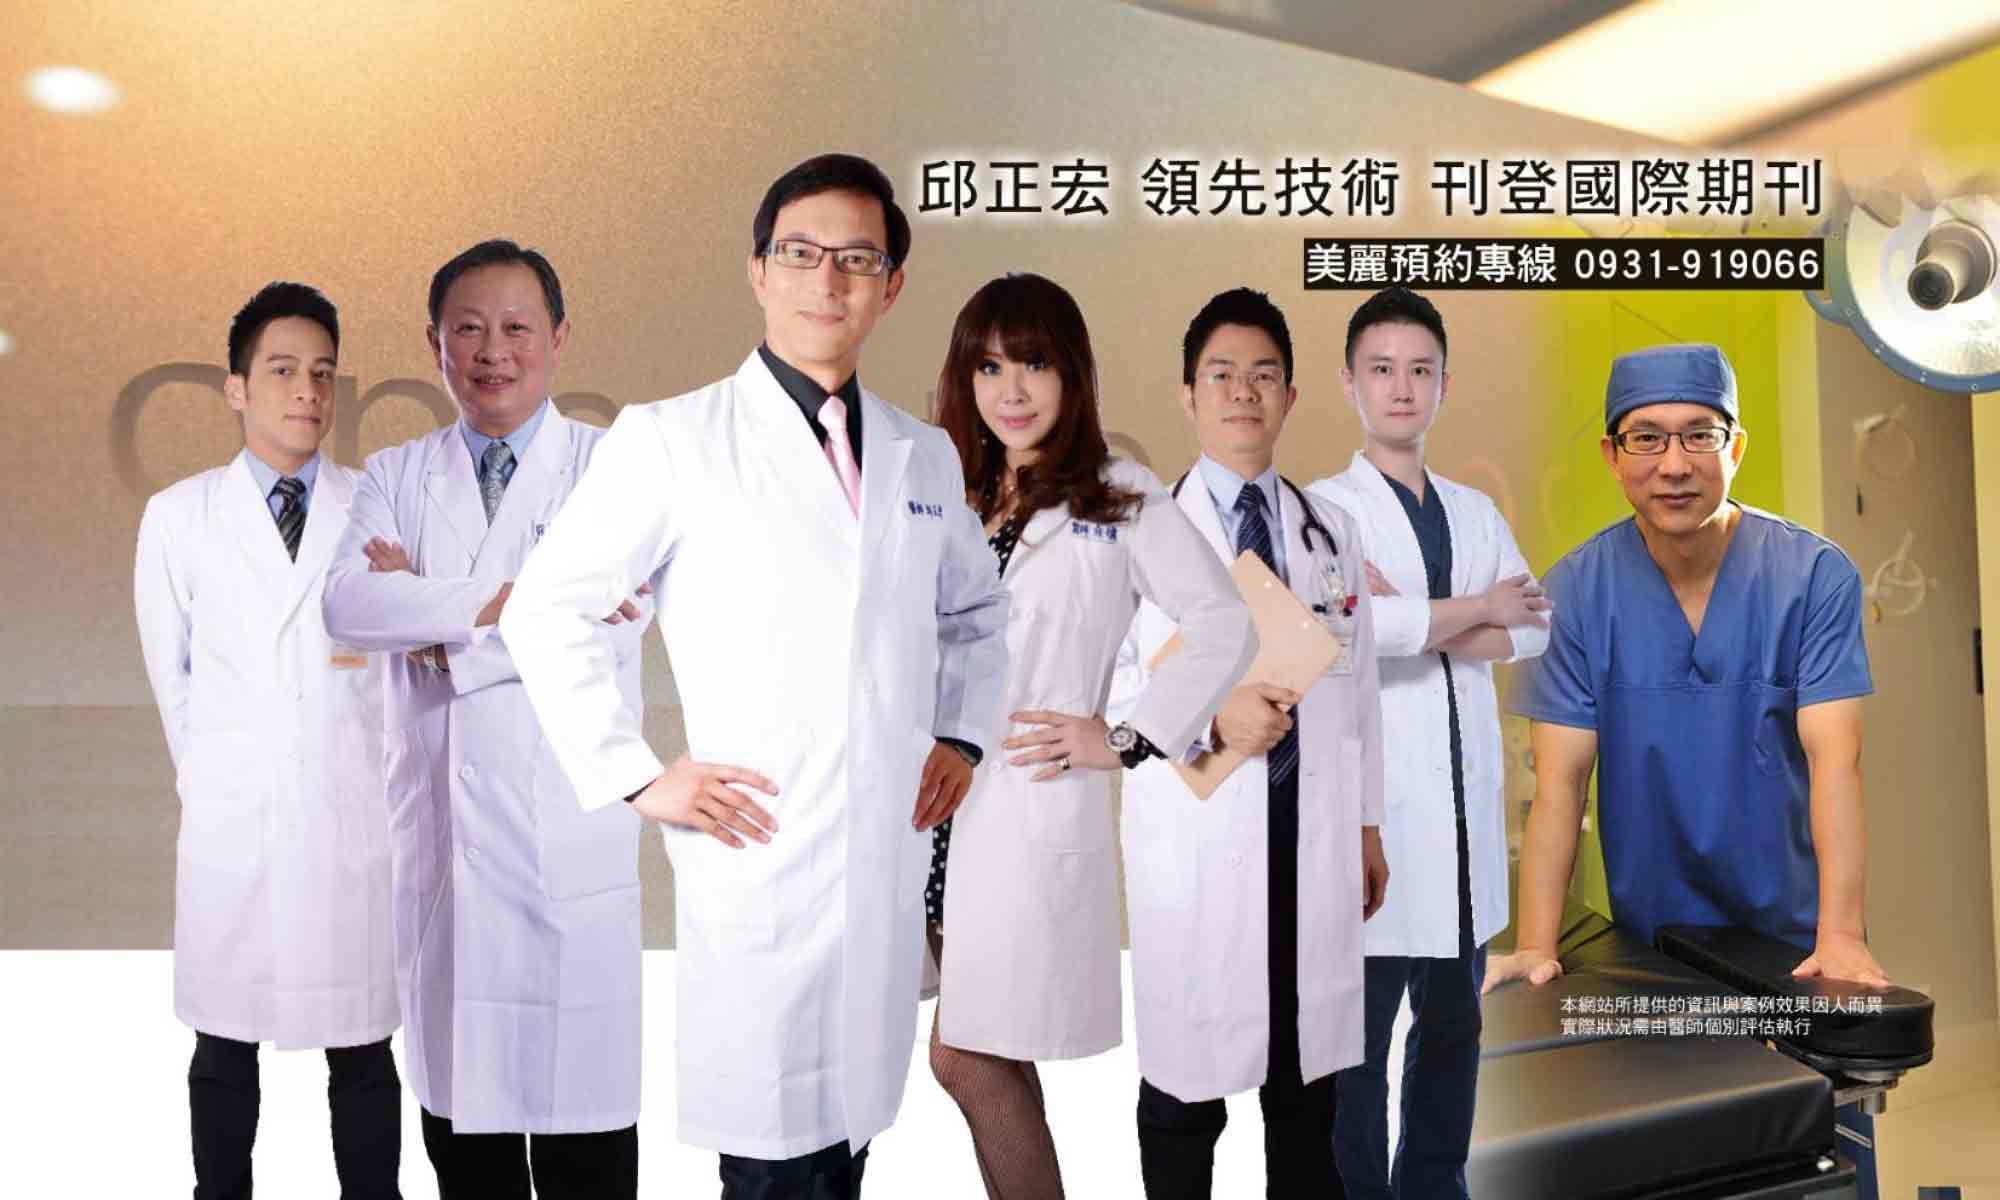 景升自體隆乳團隊在邱醫師領導下完成自體脂肪隆乳成功案例超過1800例